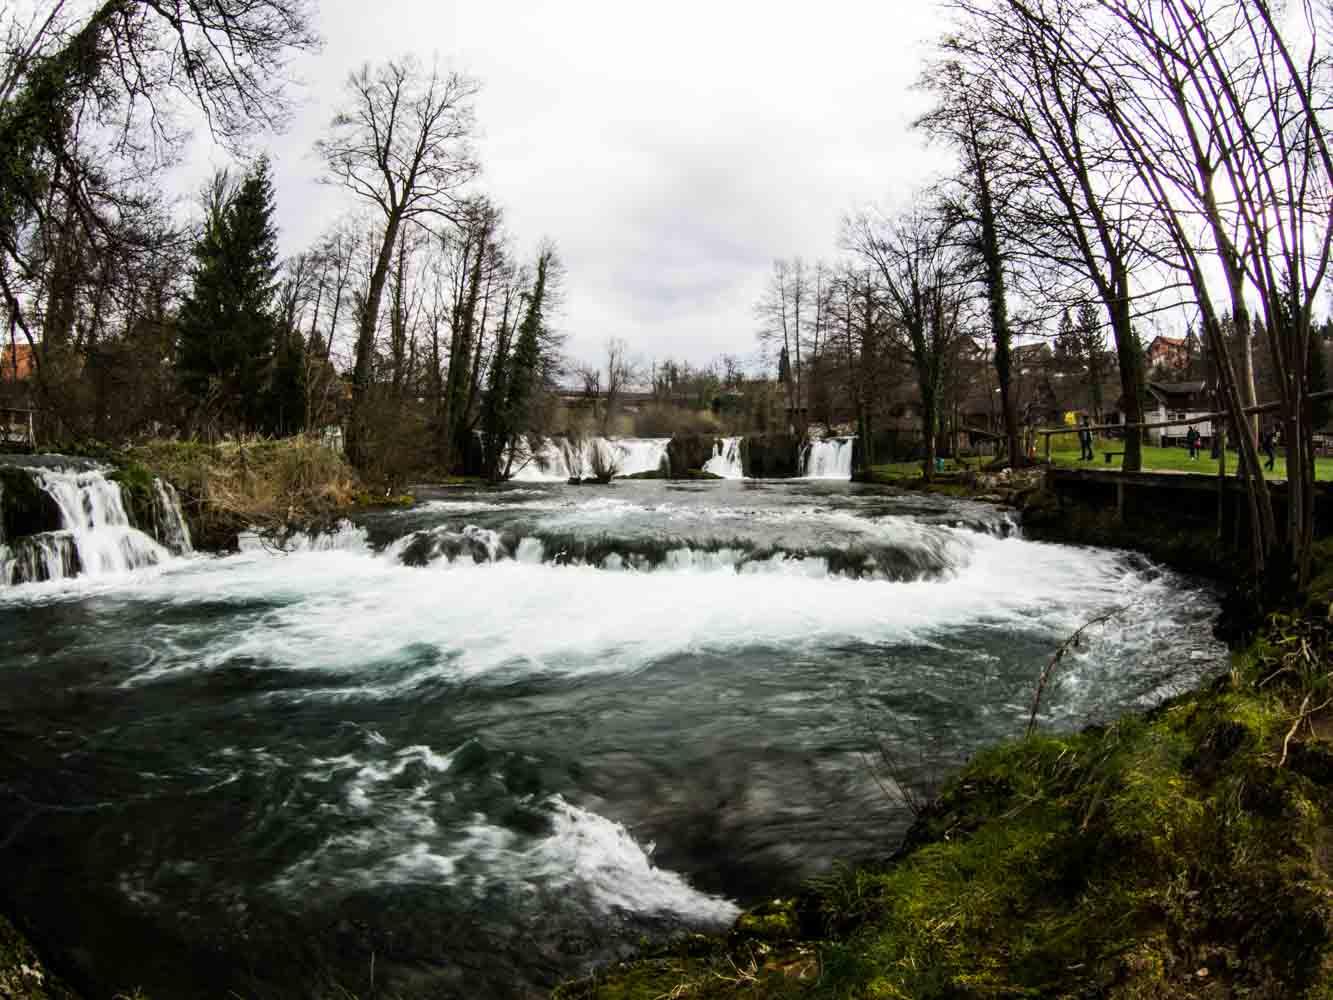 Plitvice_Kroatien_Croatia_Plitvice_jezero-37